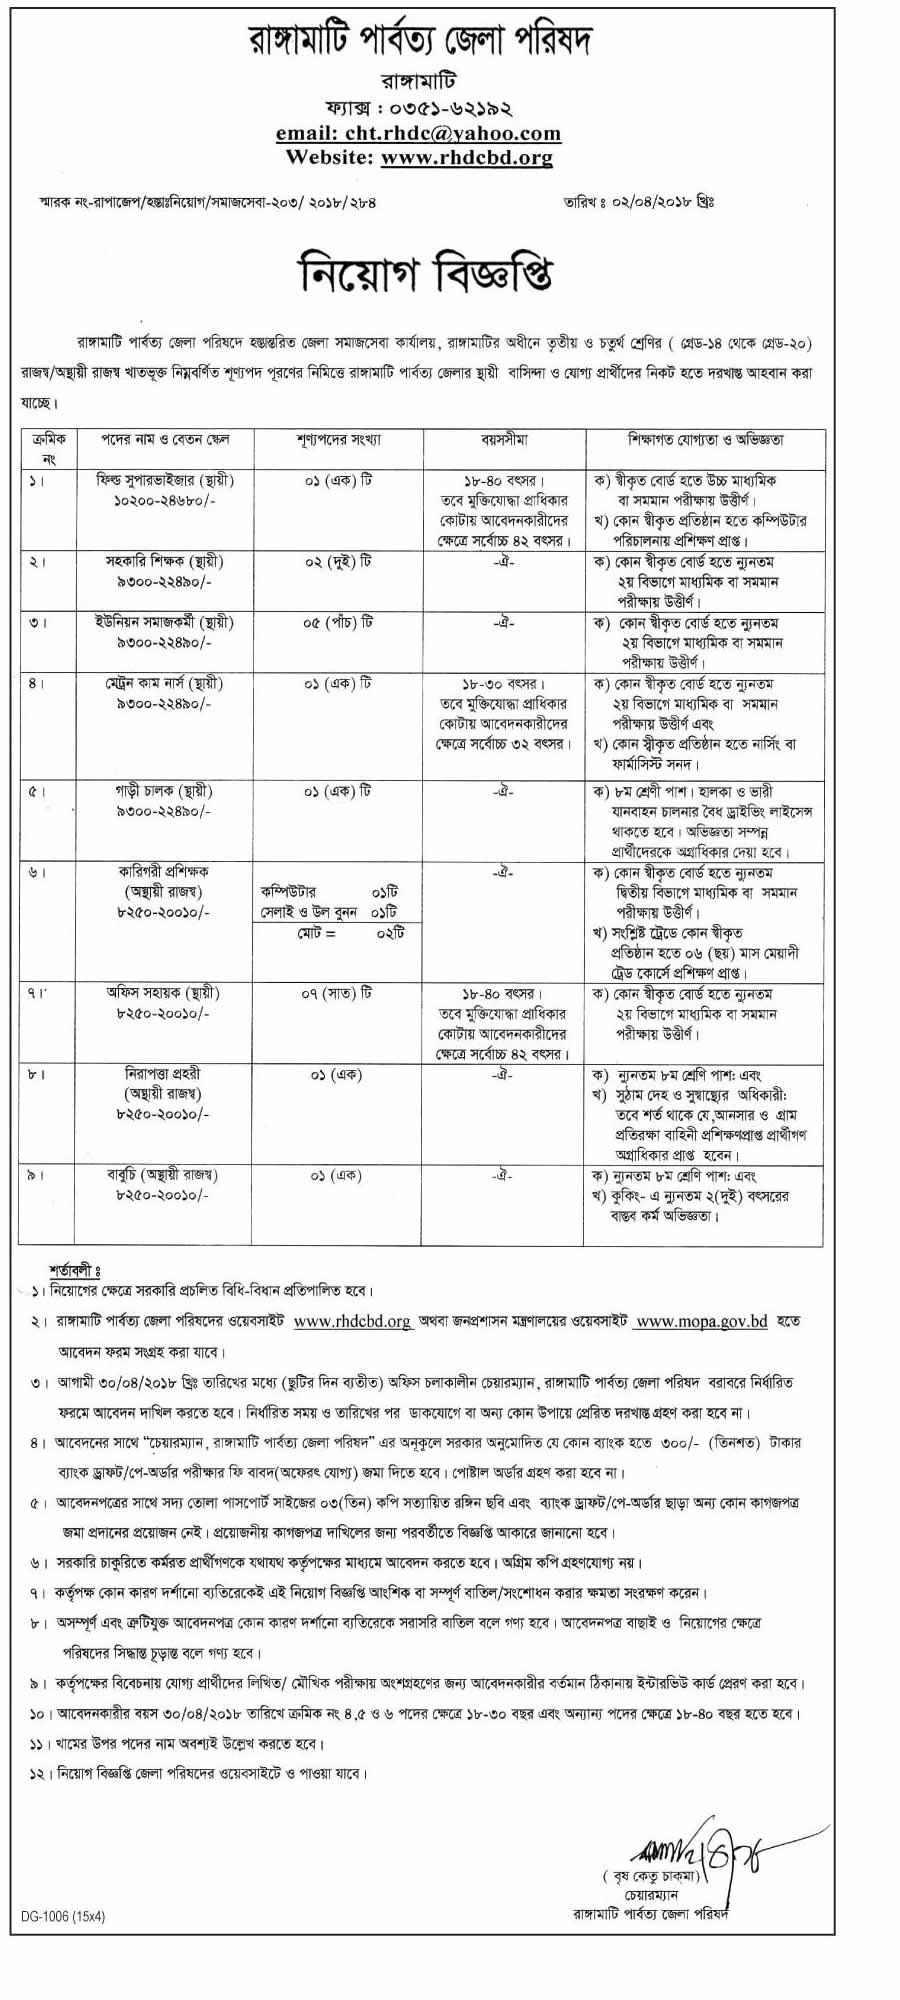 Department of Social Services DSS Job Circular 2018